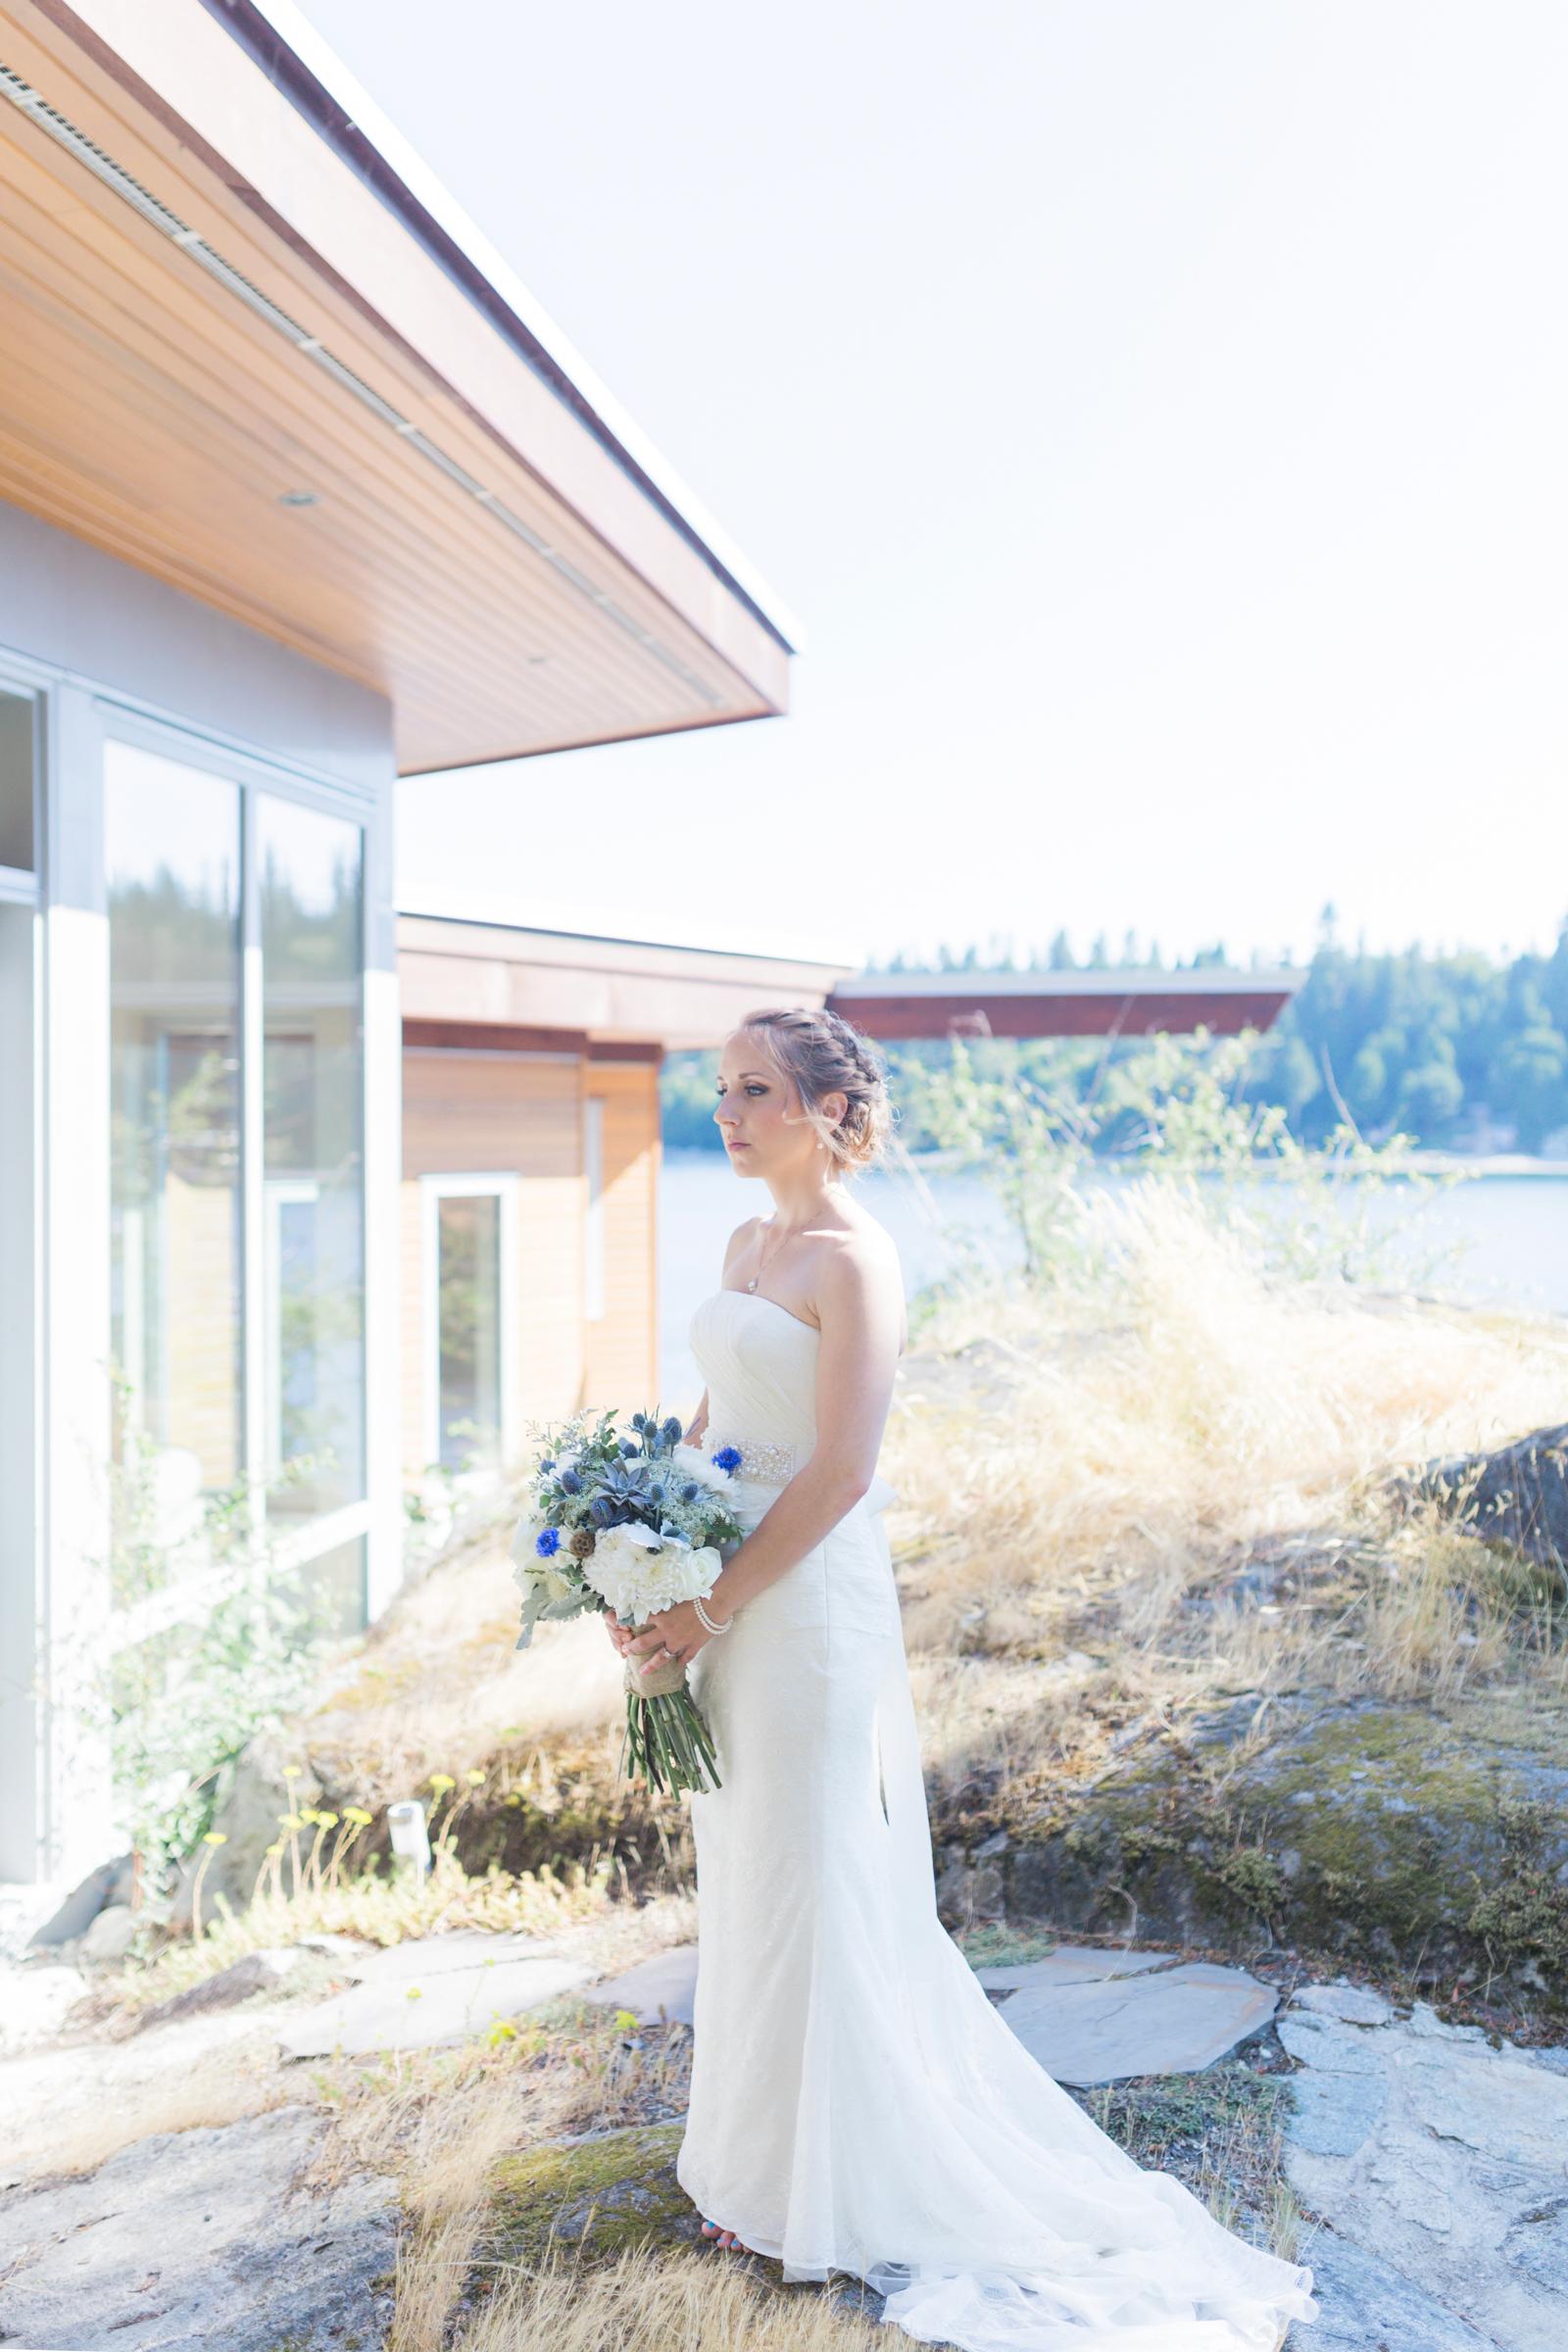 IMG_9940--SUNSHINE-COAST-BC-WEDDING-PHOTOGRAPHER-JENNIFER-PICARD-PHOTOGRAPHY.jpg